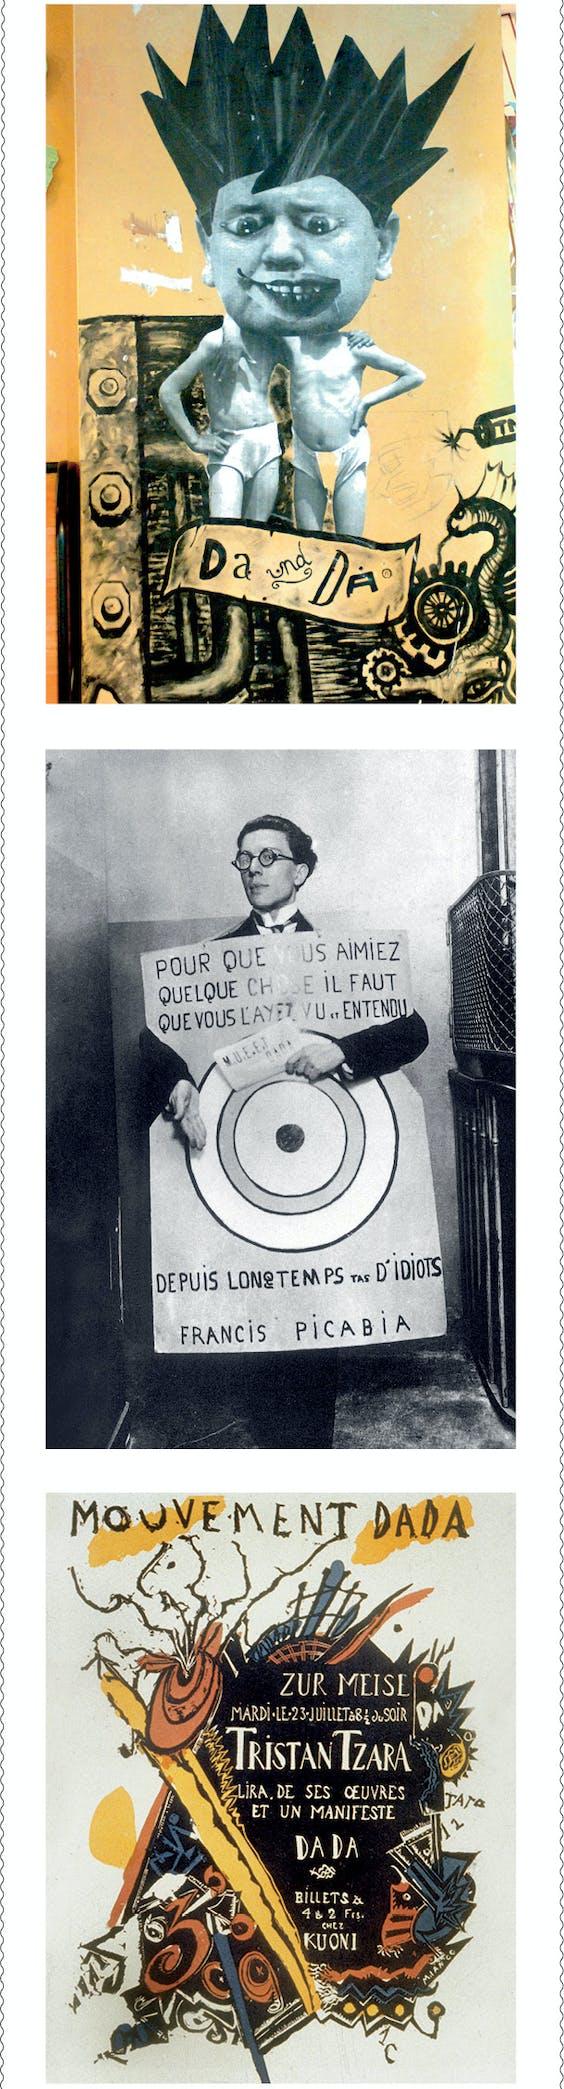 Boven: muurschildering in Zürich bij Café Voltaire. Midden: André Breton op het Festival Dada in 1920 in Parijs. Onder: poster (ontwerp Marcel Janco) voor een dada-avond in Zürich in 1918.